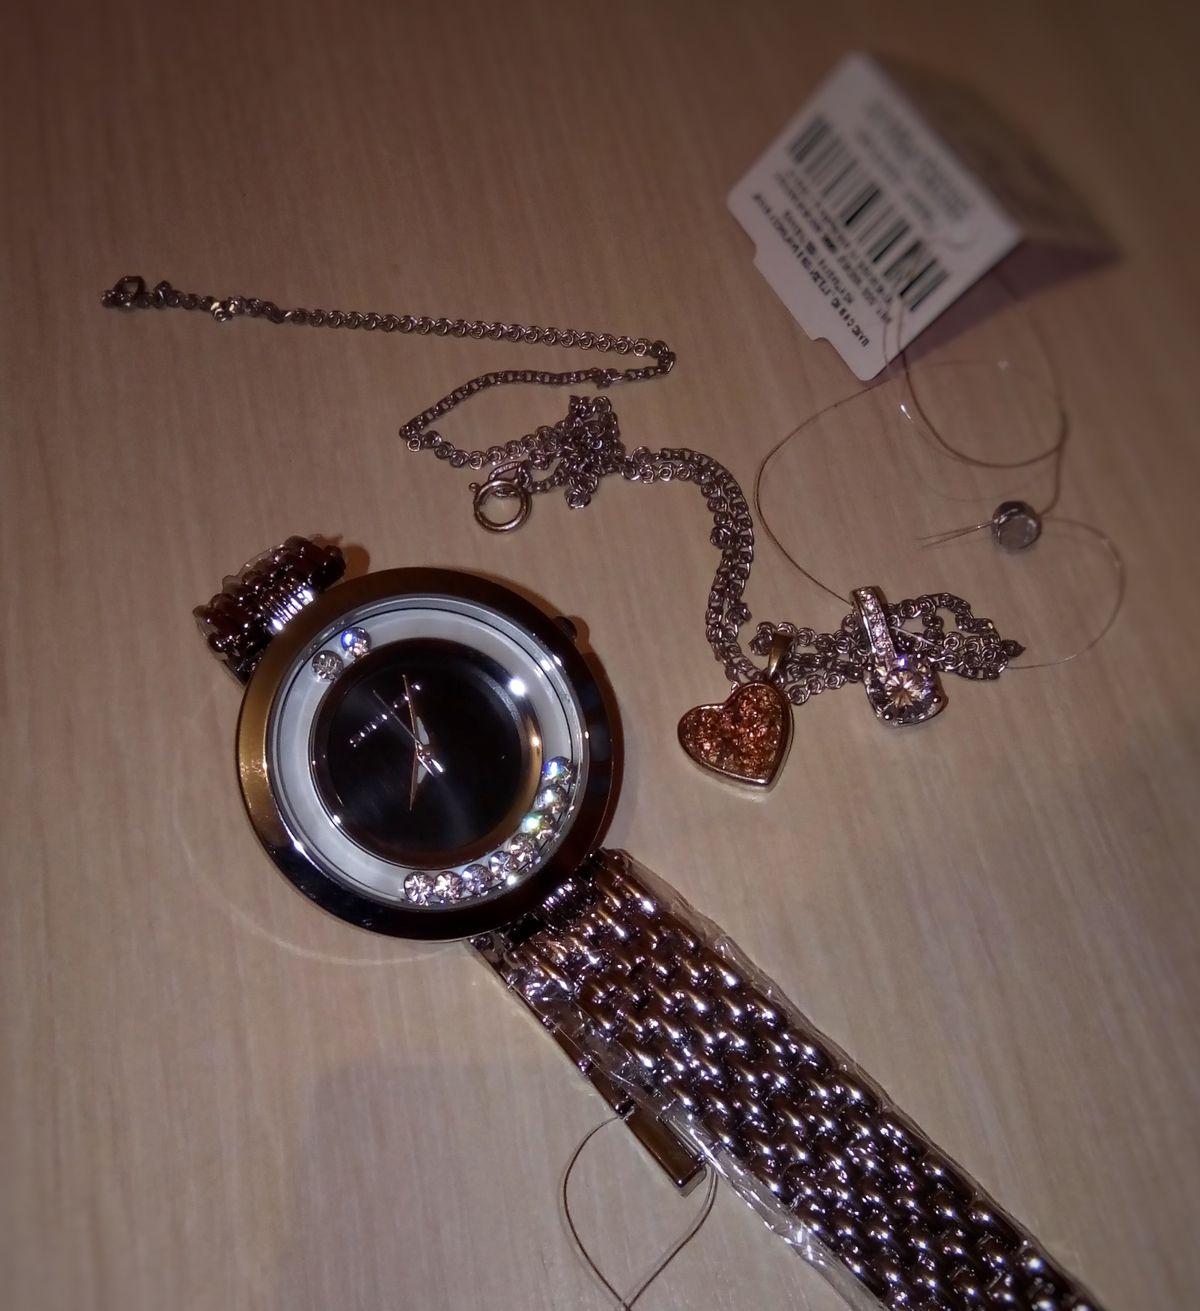 Часы со скидкой в 60% это отличная покупка!😃